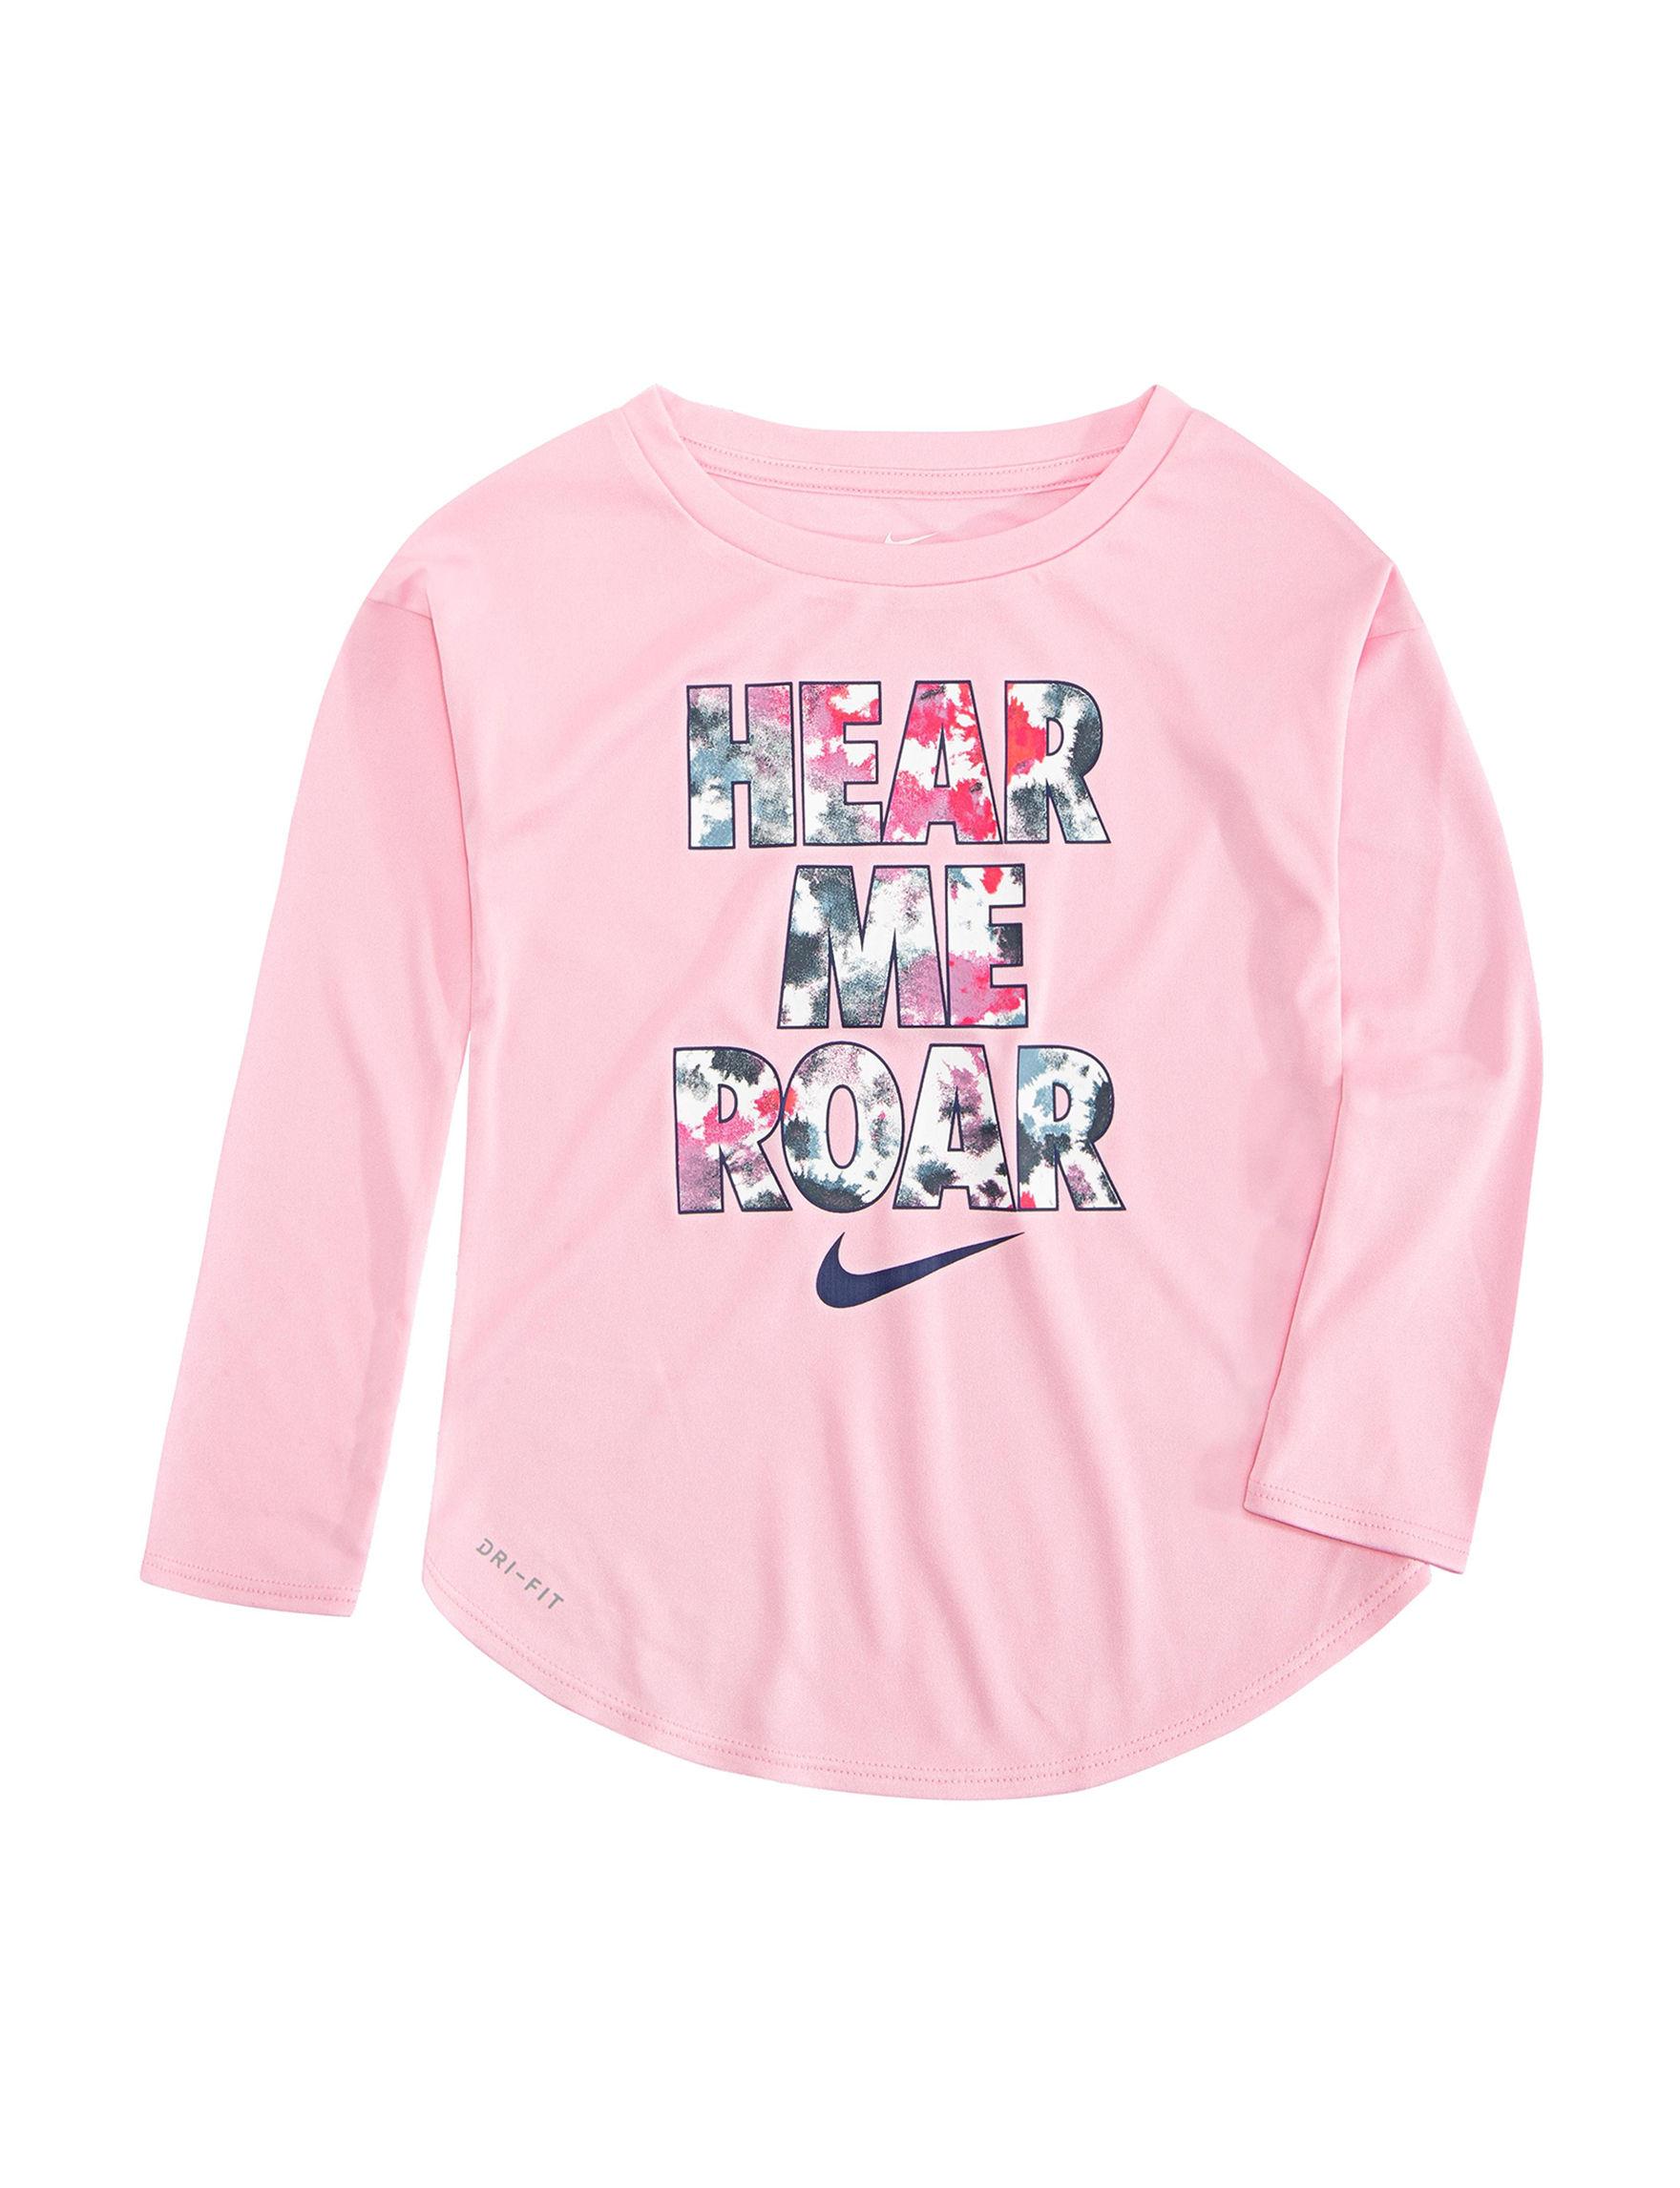 Nike Pink Tees & Tanks